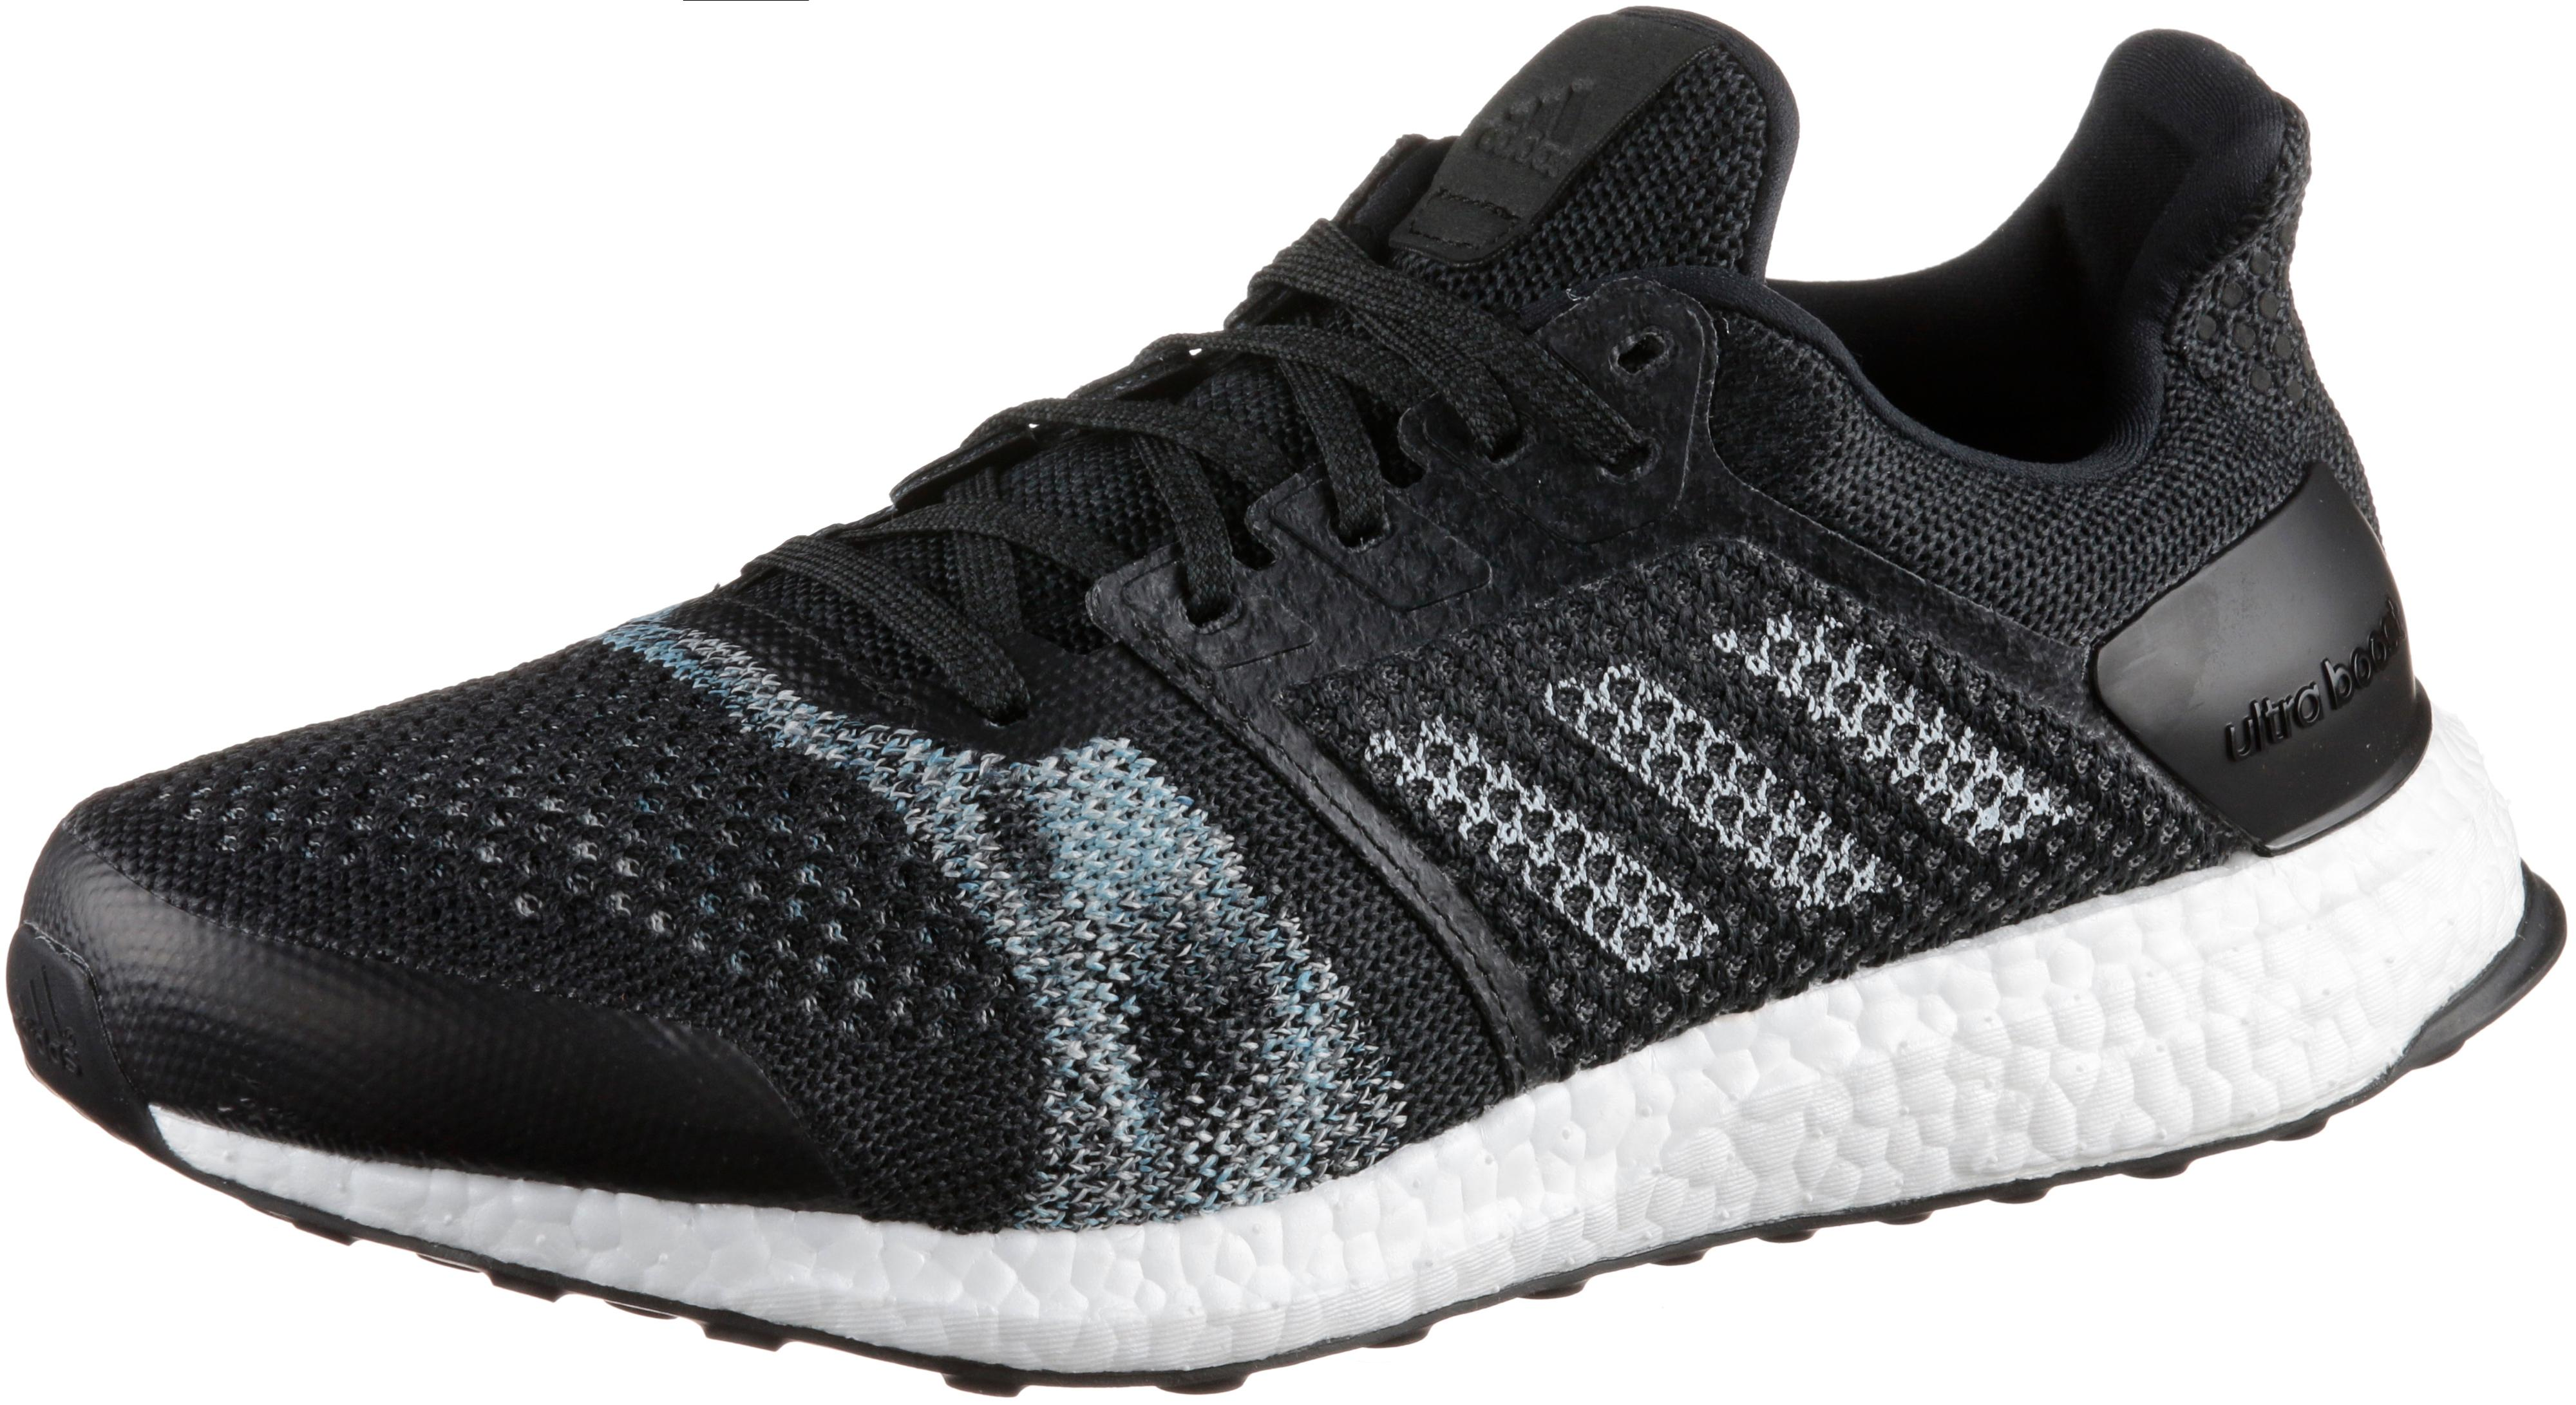 Adidas Adidas Adidas UltraBoost St Laufschuhe Herren core-black im Online Shop von SportScheck kaufen Gute Qualität beliebte Schuhe 980620